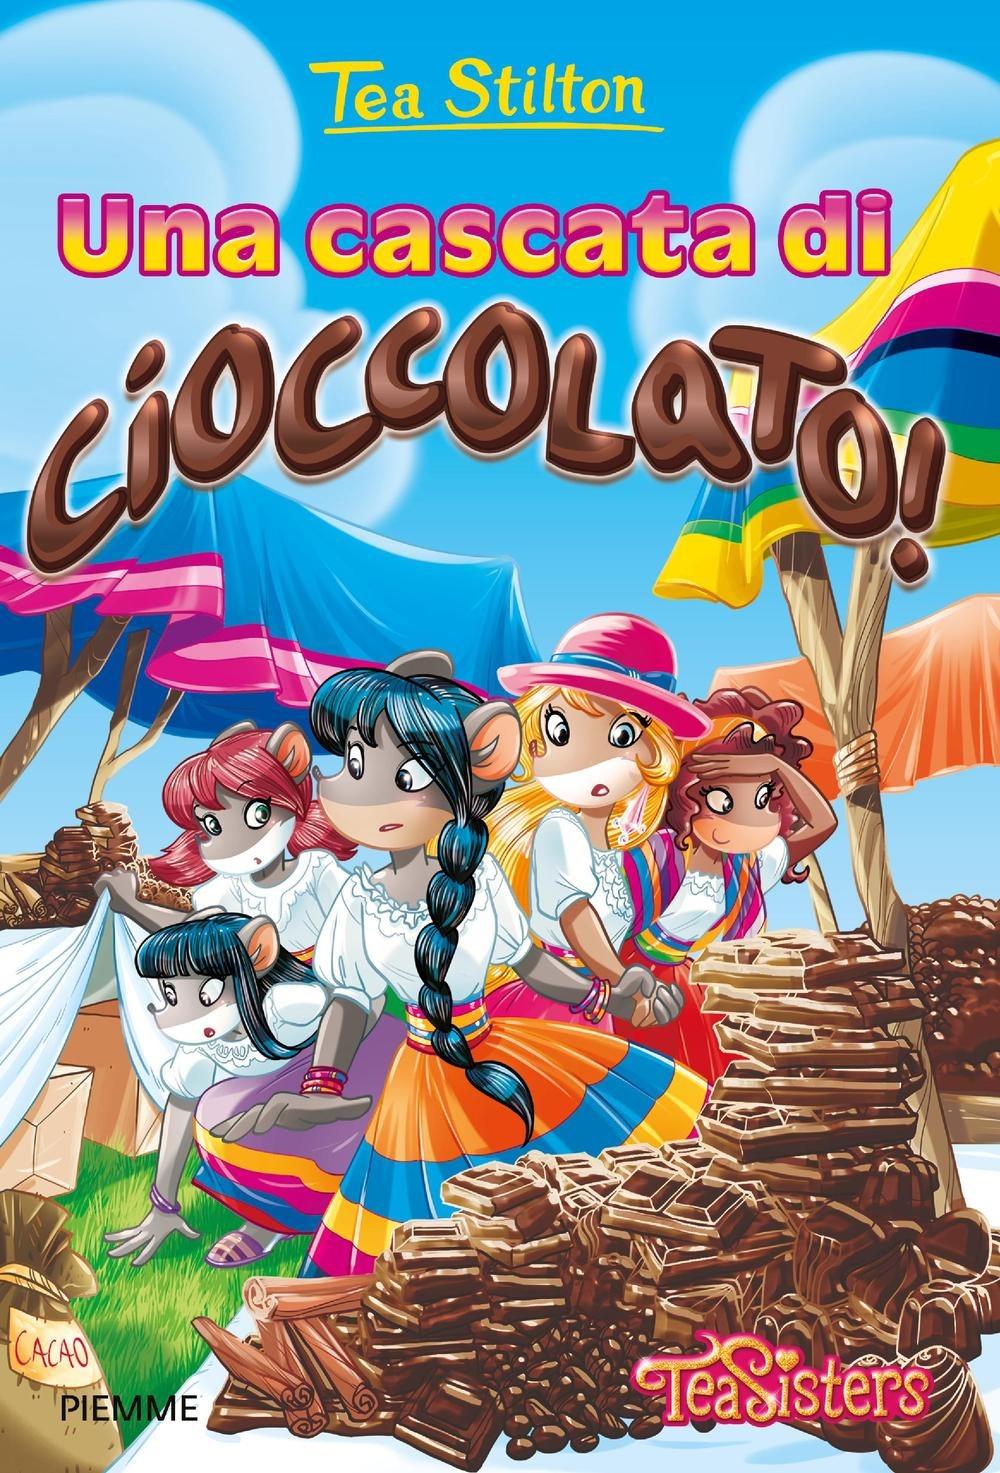 Image of Una cascata di cioccolato!